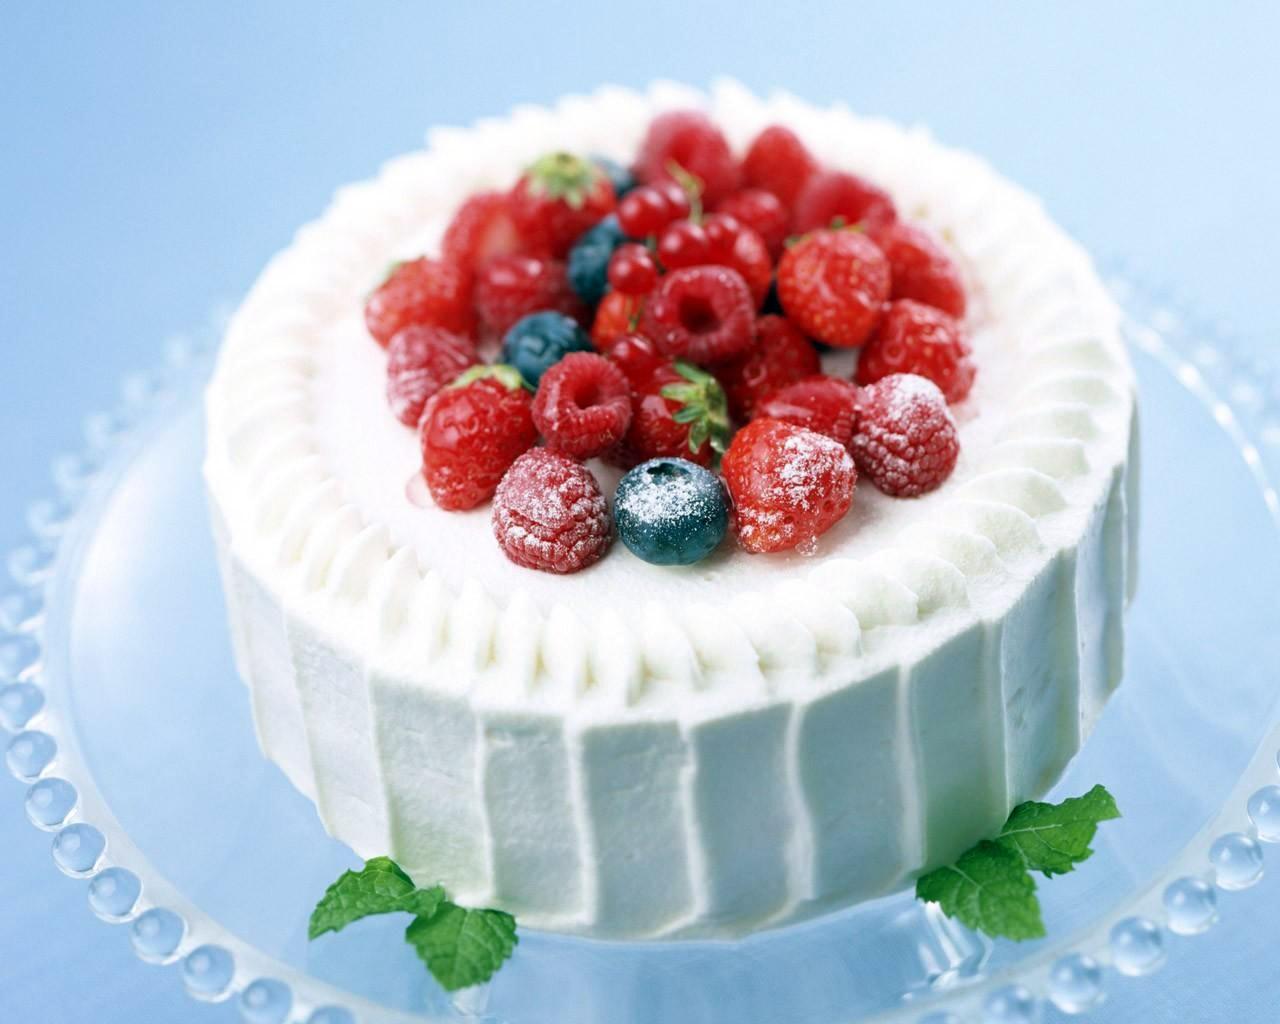 С днем рождения картинки фрукты ягоды